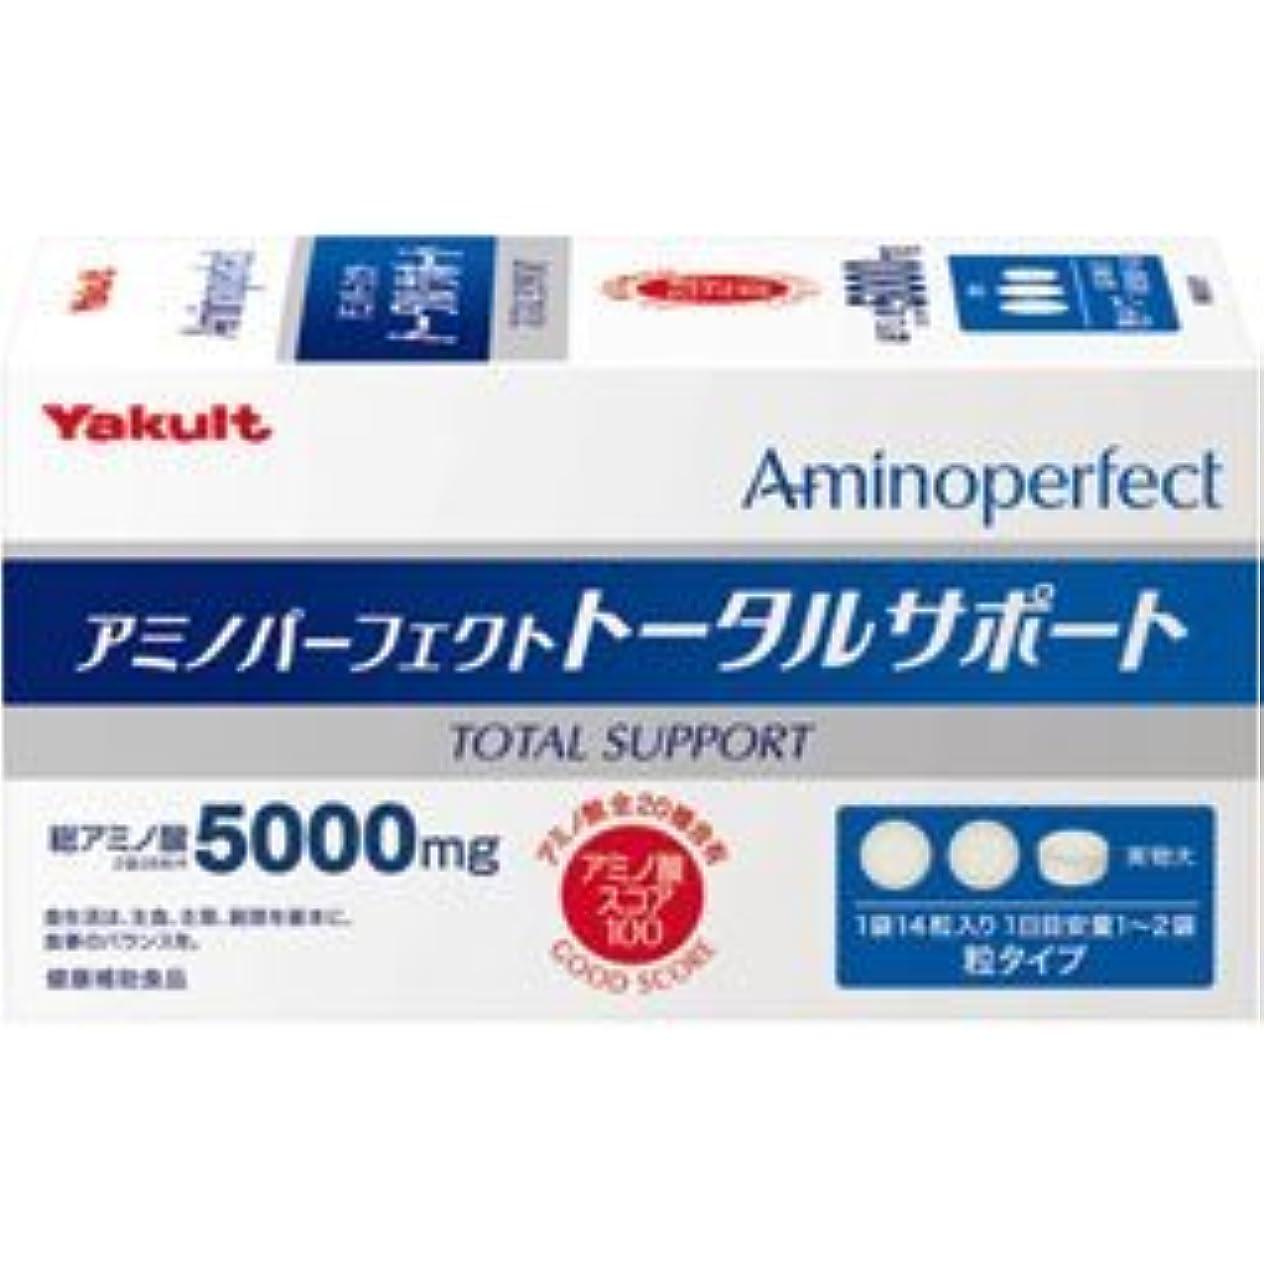 ピンチ提案する反射アミノパーフェクト トータルサポート14粒×30袋 お得な3個パック